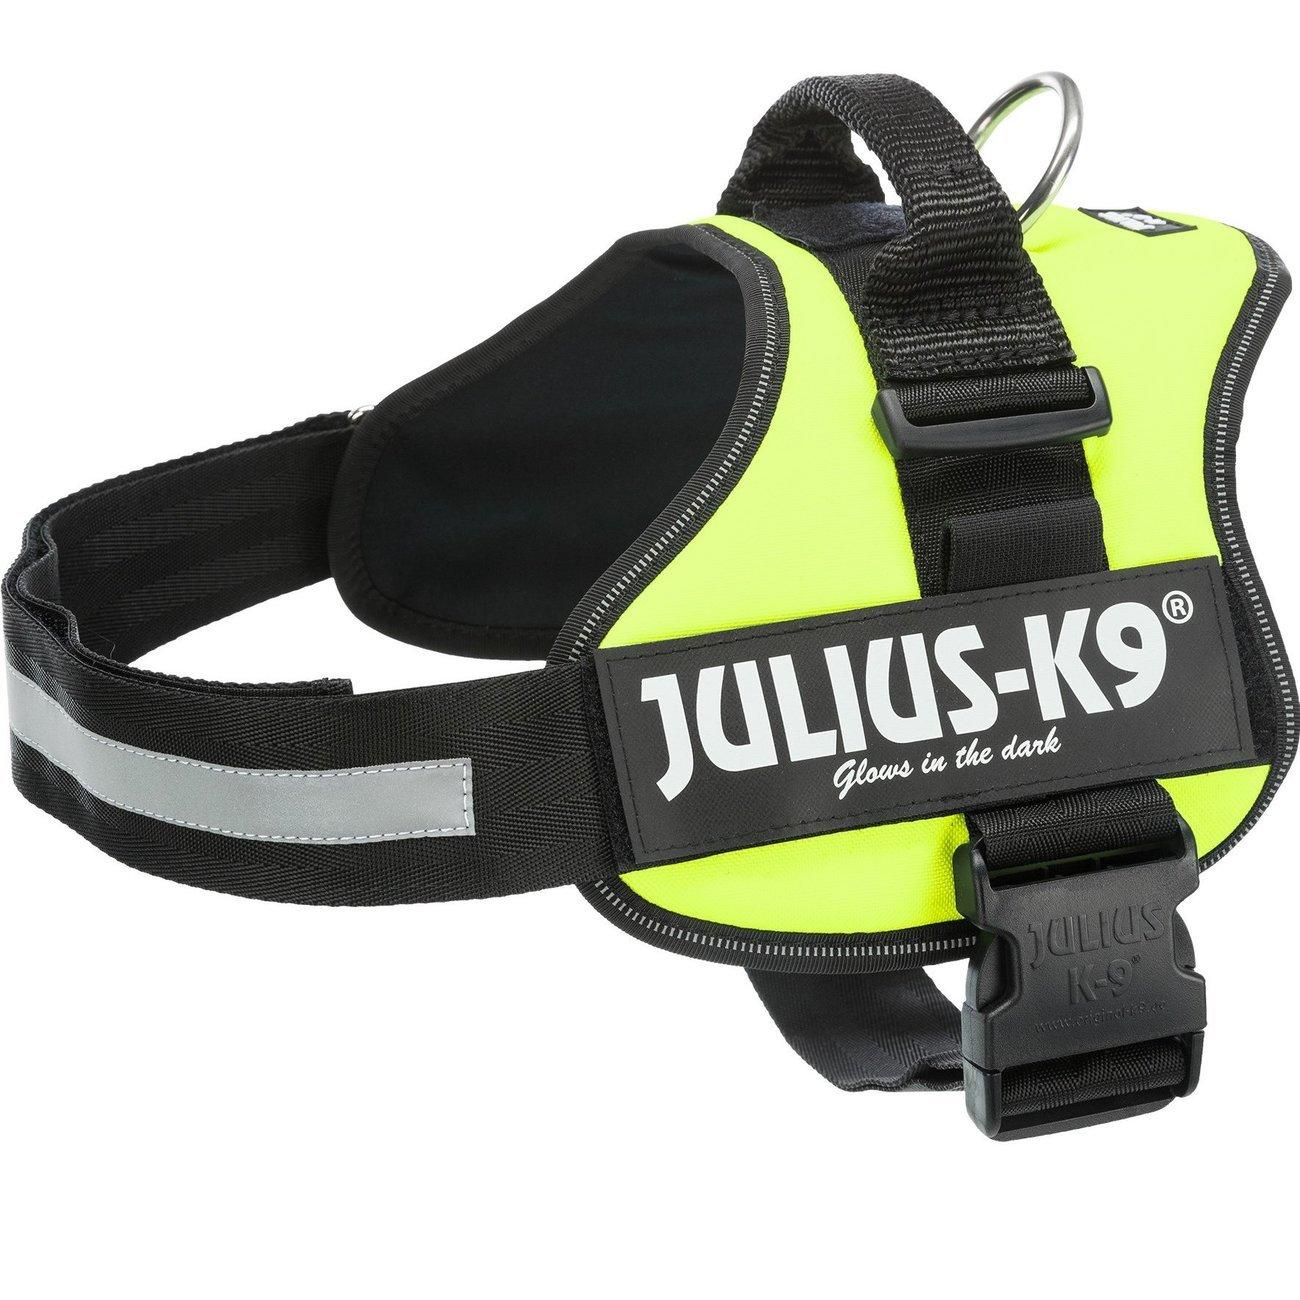 Julius K9 Powergeschirr Hundegeschirr, 2XL/3: 82–116 cm/50 mm, neongrün